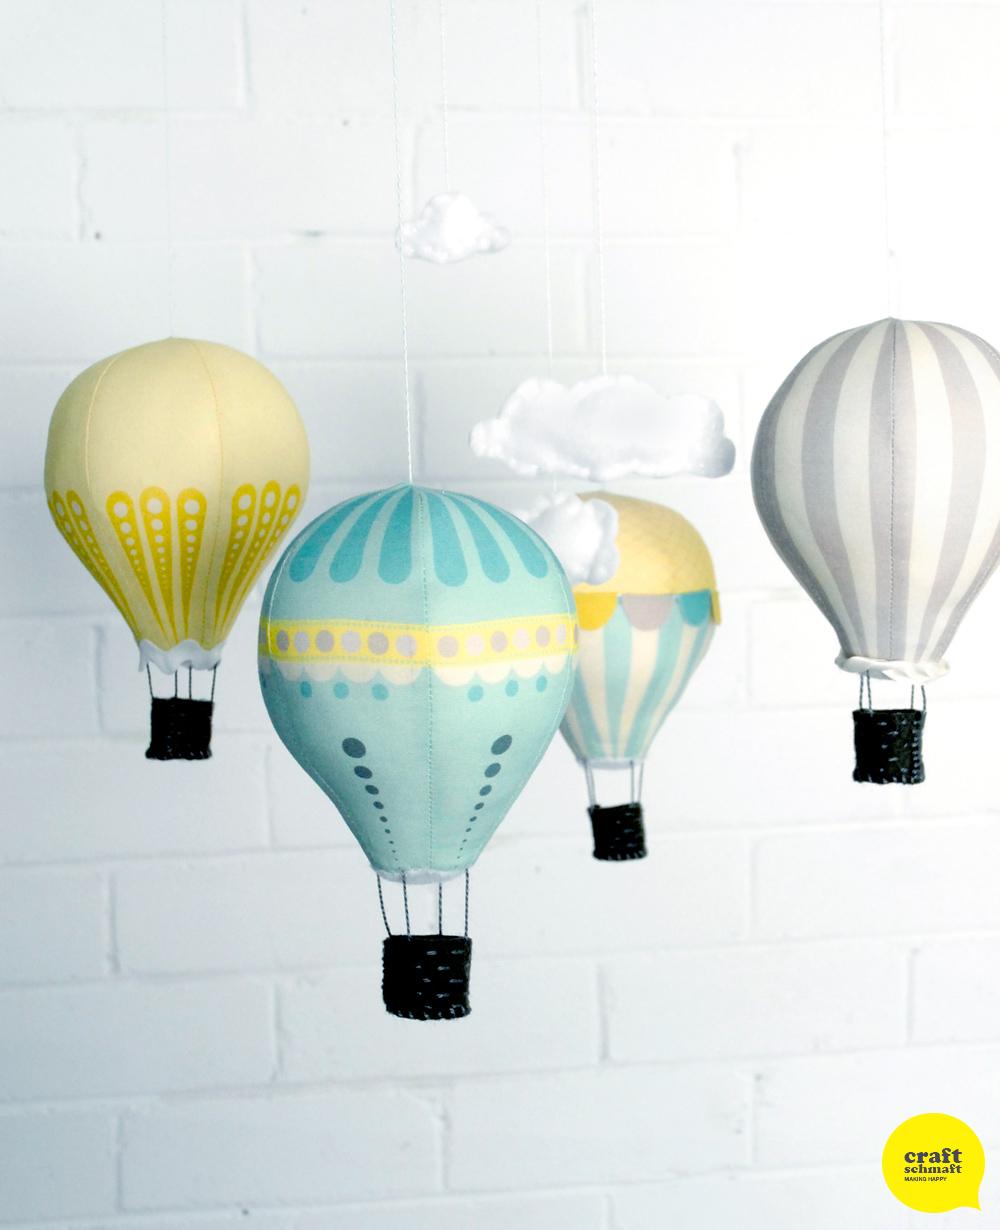 Craft Schmaft Hot Air Balloon